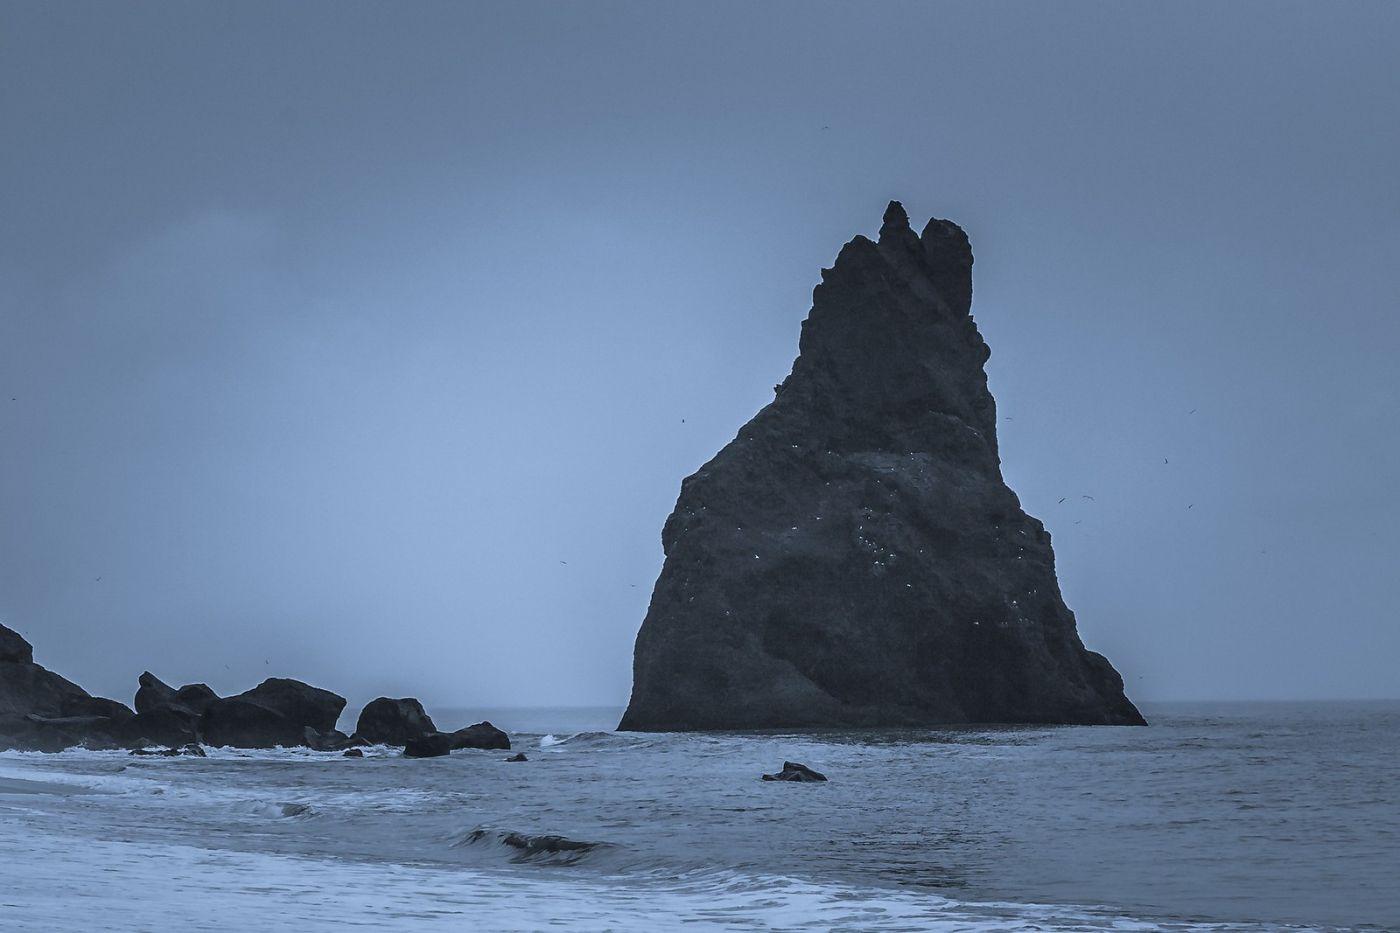 冰岛雷尼斯法加拉黑沙滩(Reynisfjara Black Sand Beach)_图1-22